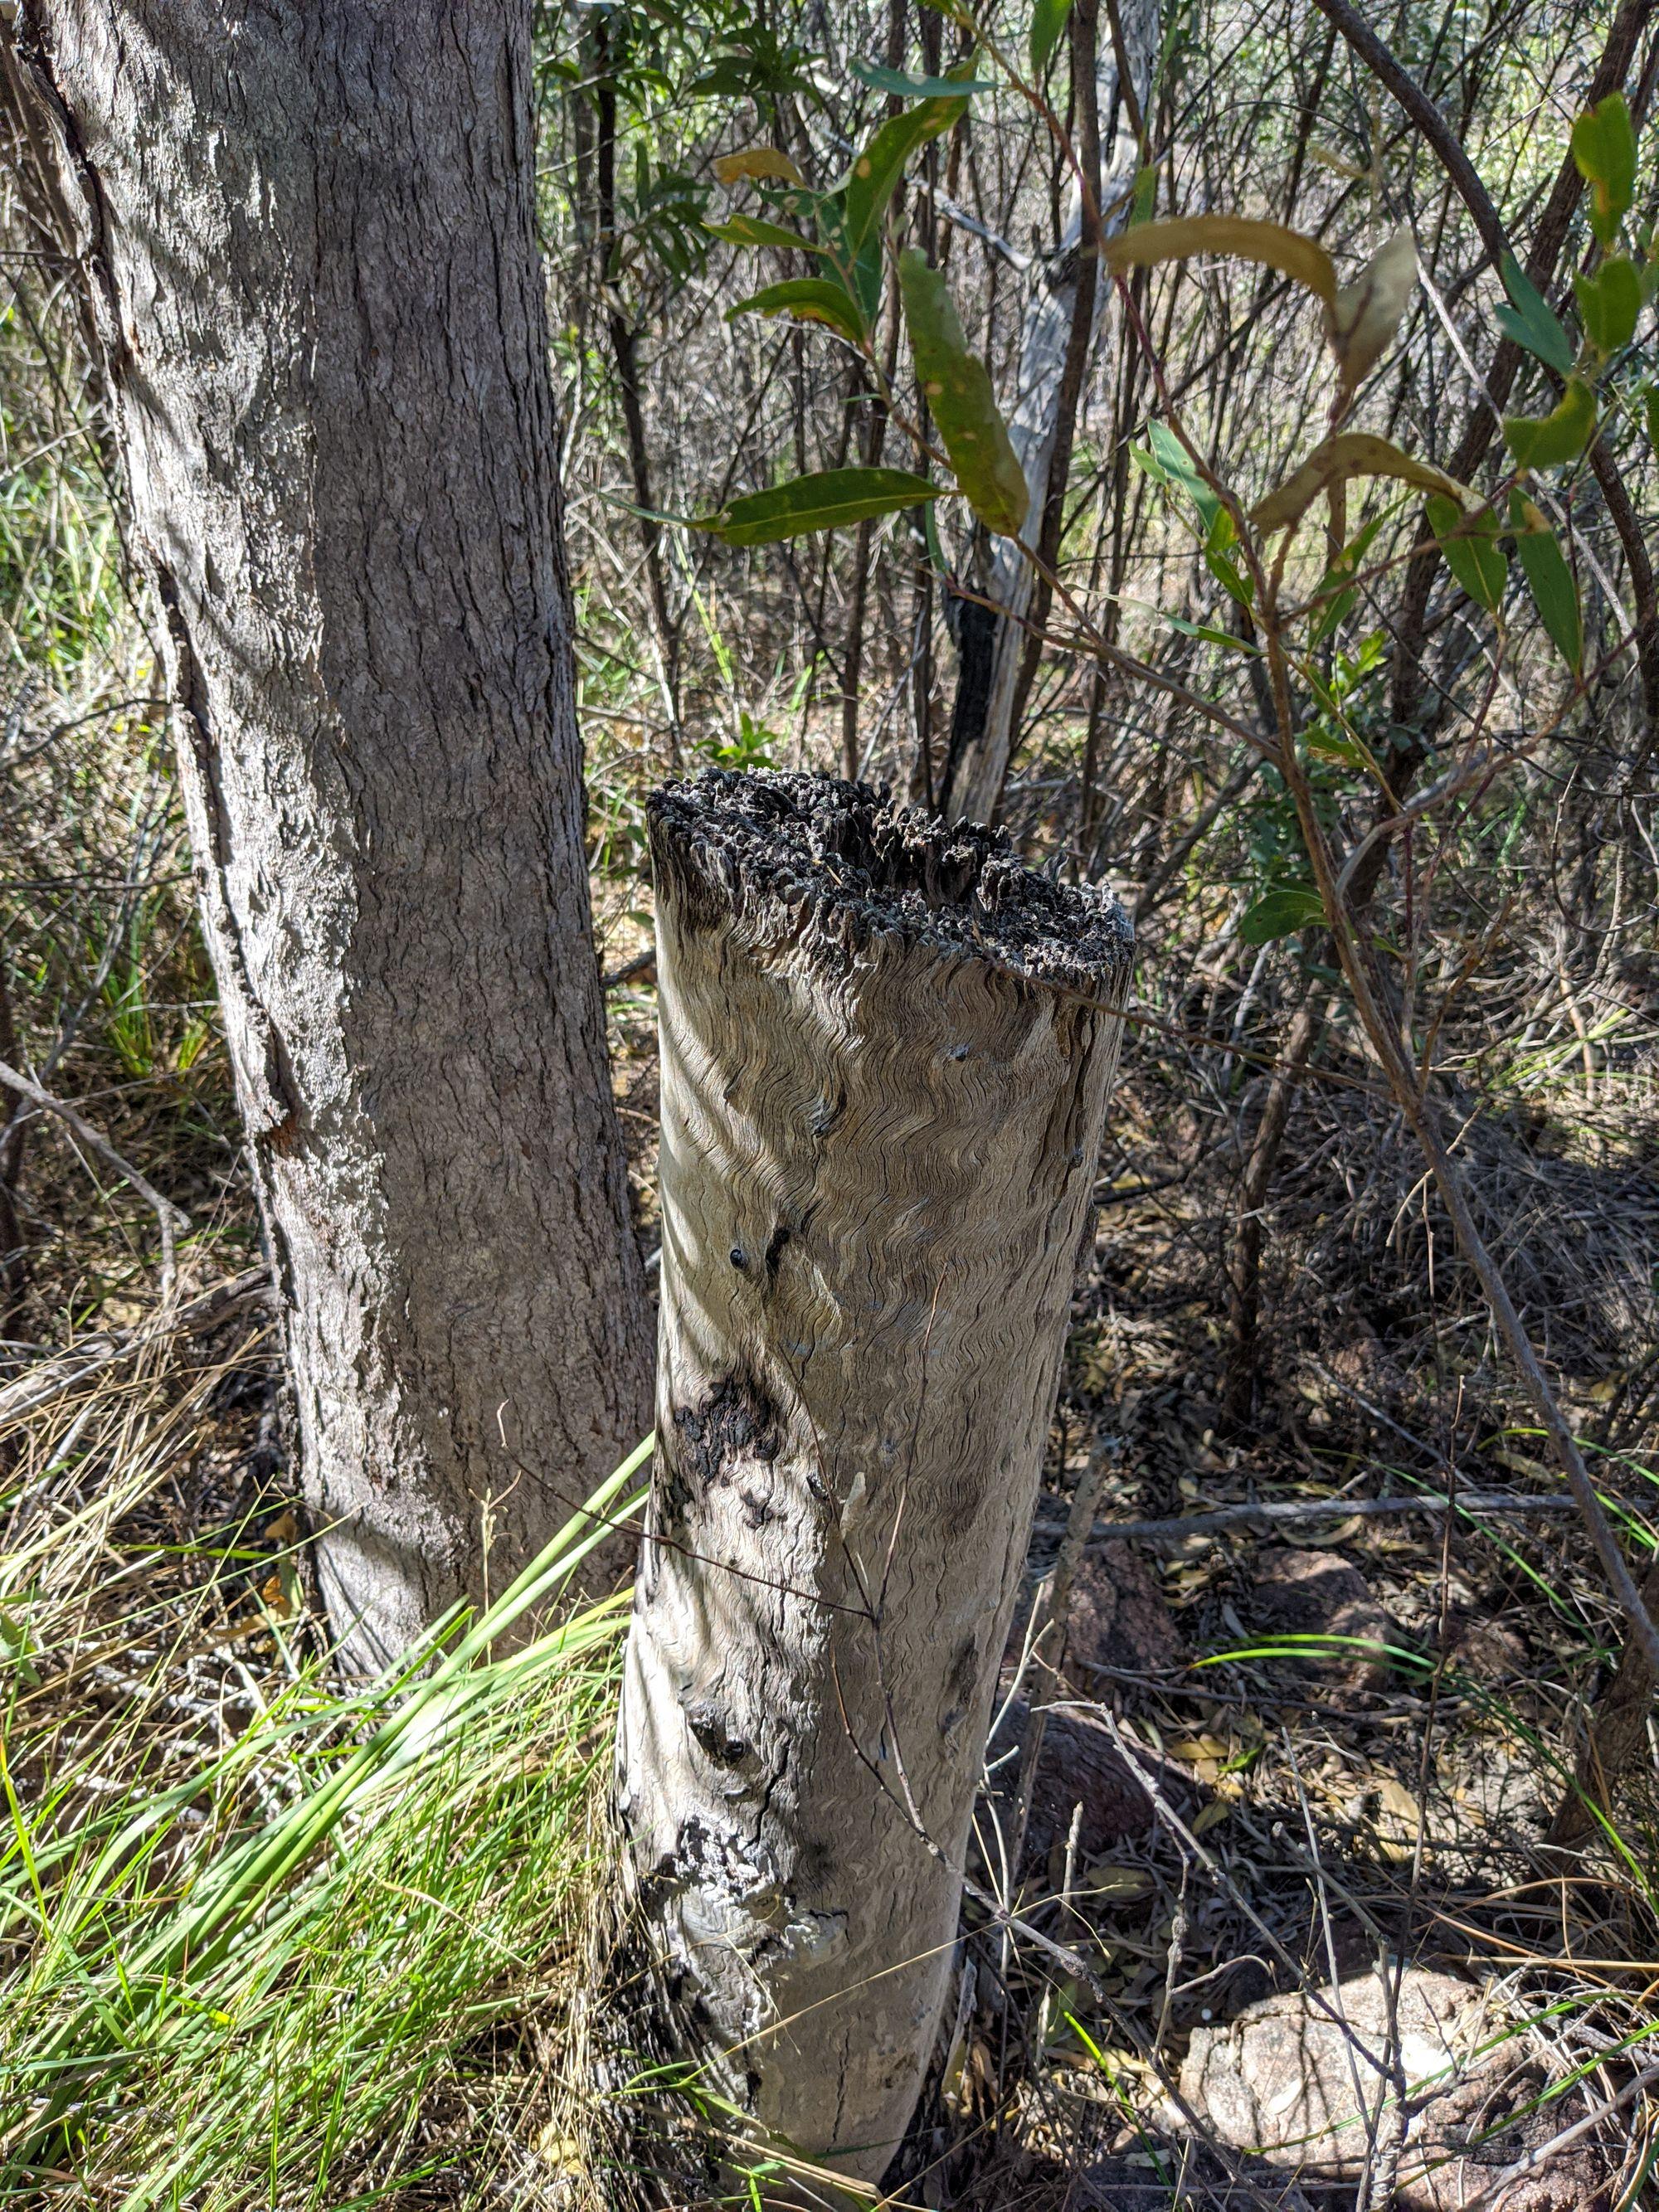 Mt Burrumbush Feltham Cone cut ironbark trees